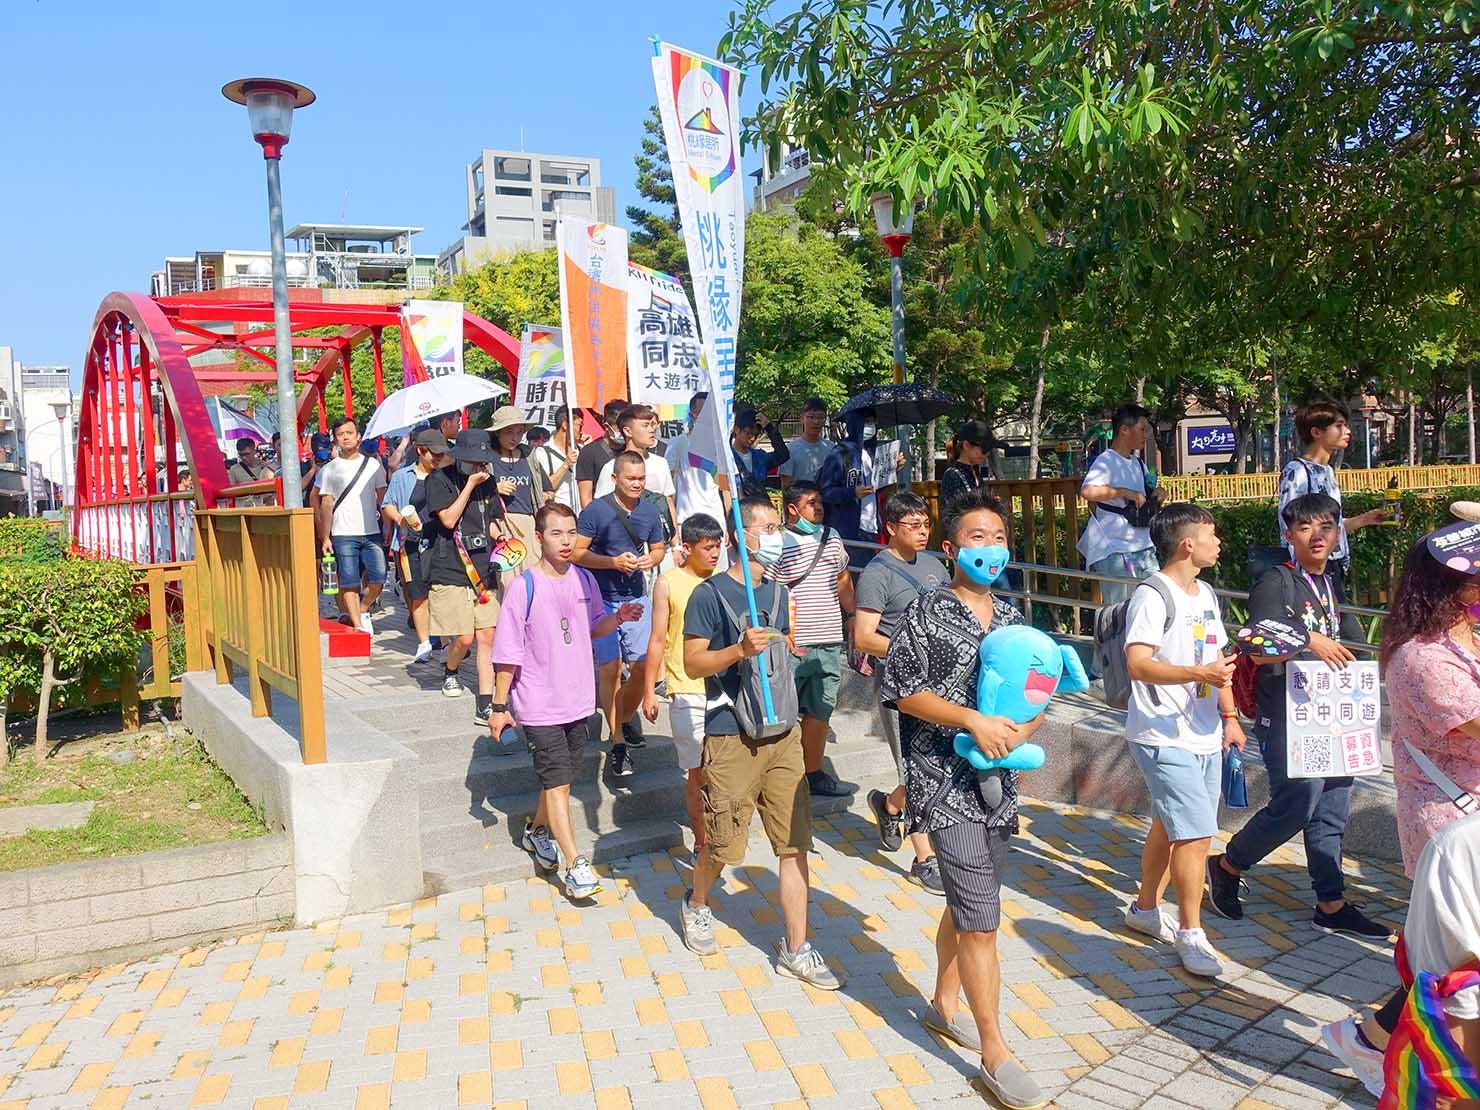 台湾・桃園のLGBTプライド「桃園彩虹野餐日」2020のゴール地点に到着するパレード隊列